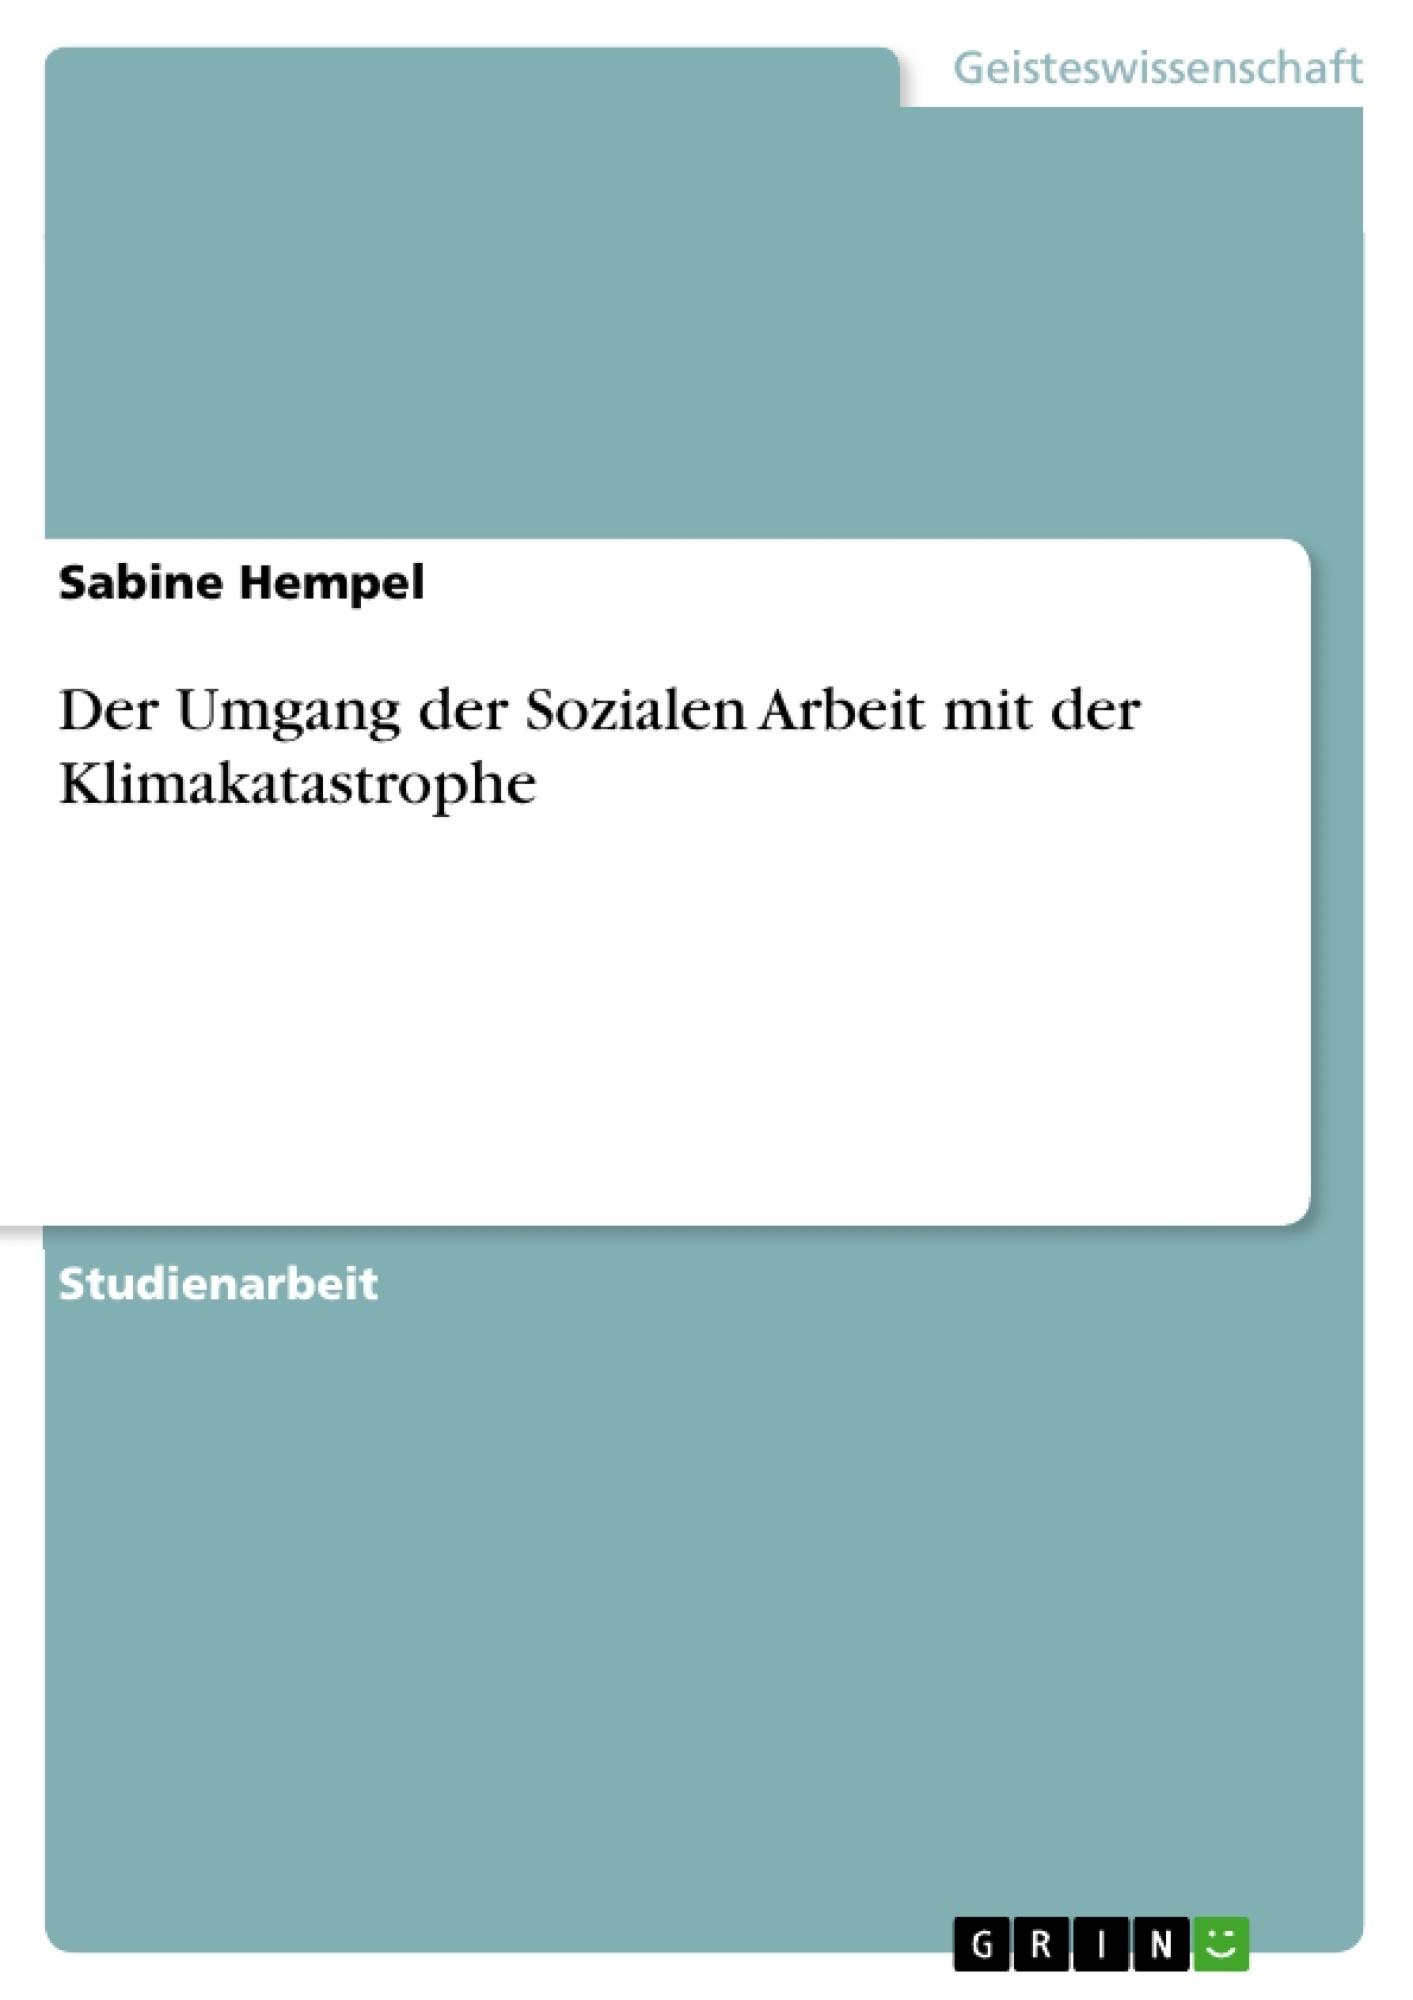 Titel: Der Umgang der Sozialen Arbeit mit der Klimakatastrophe